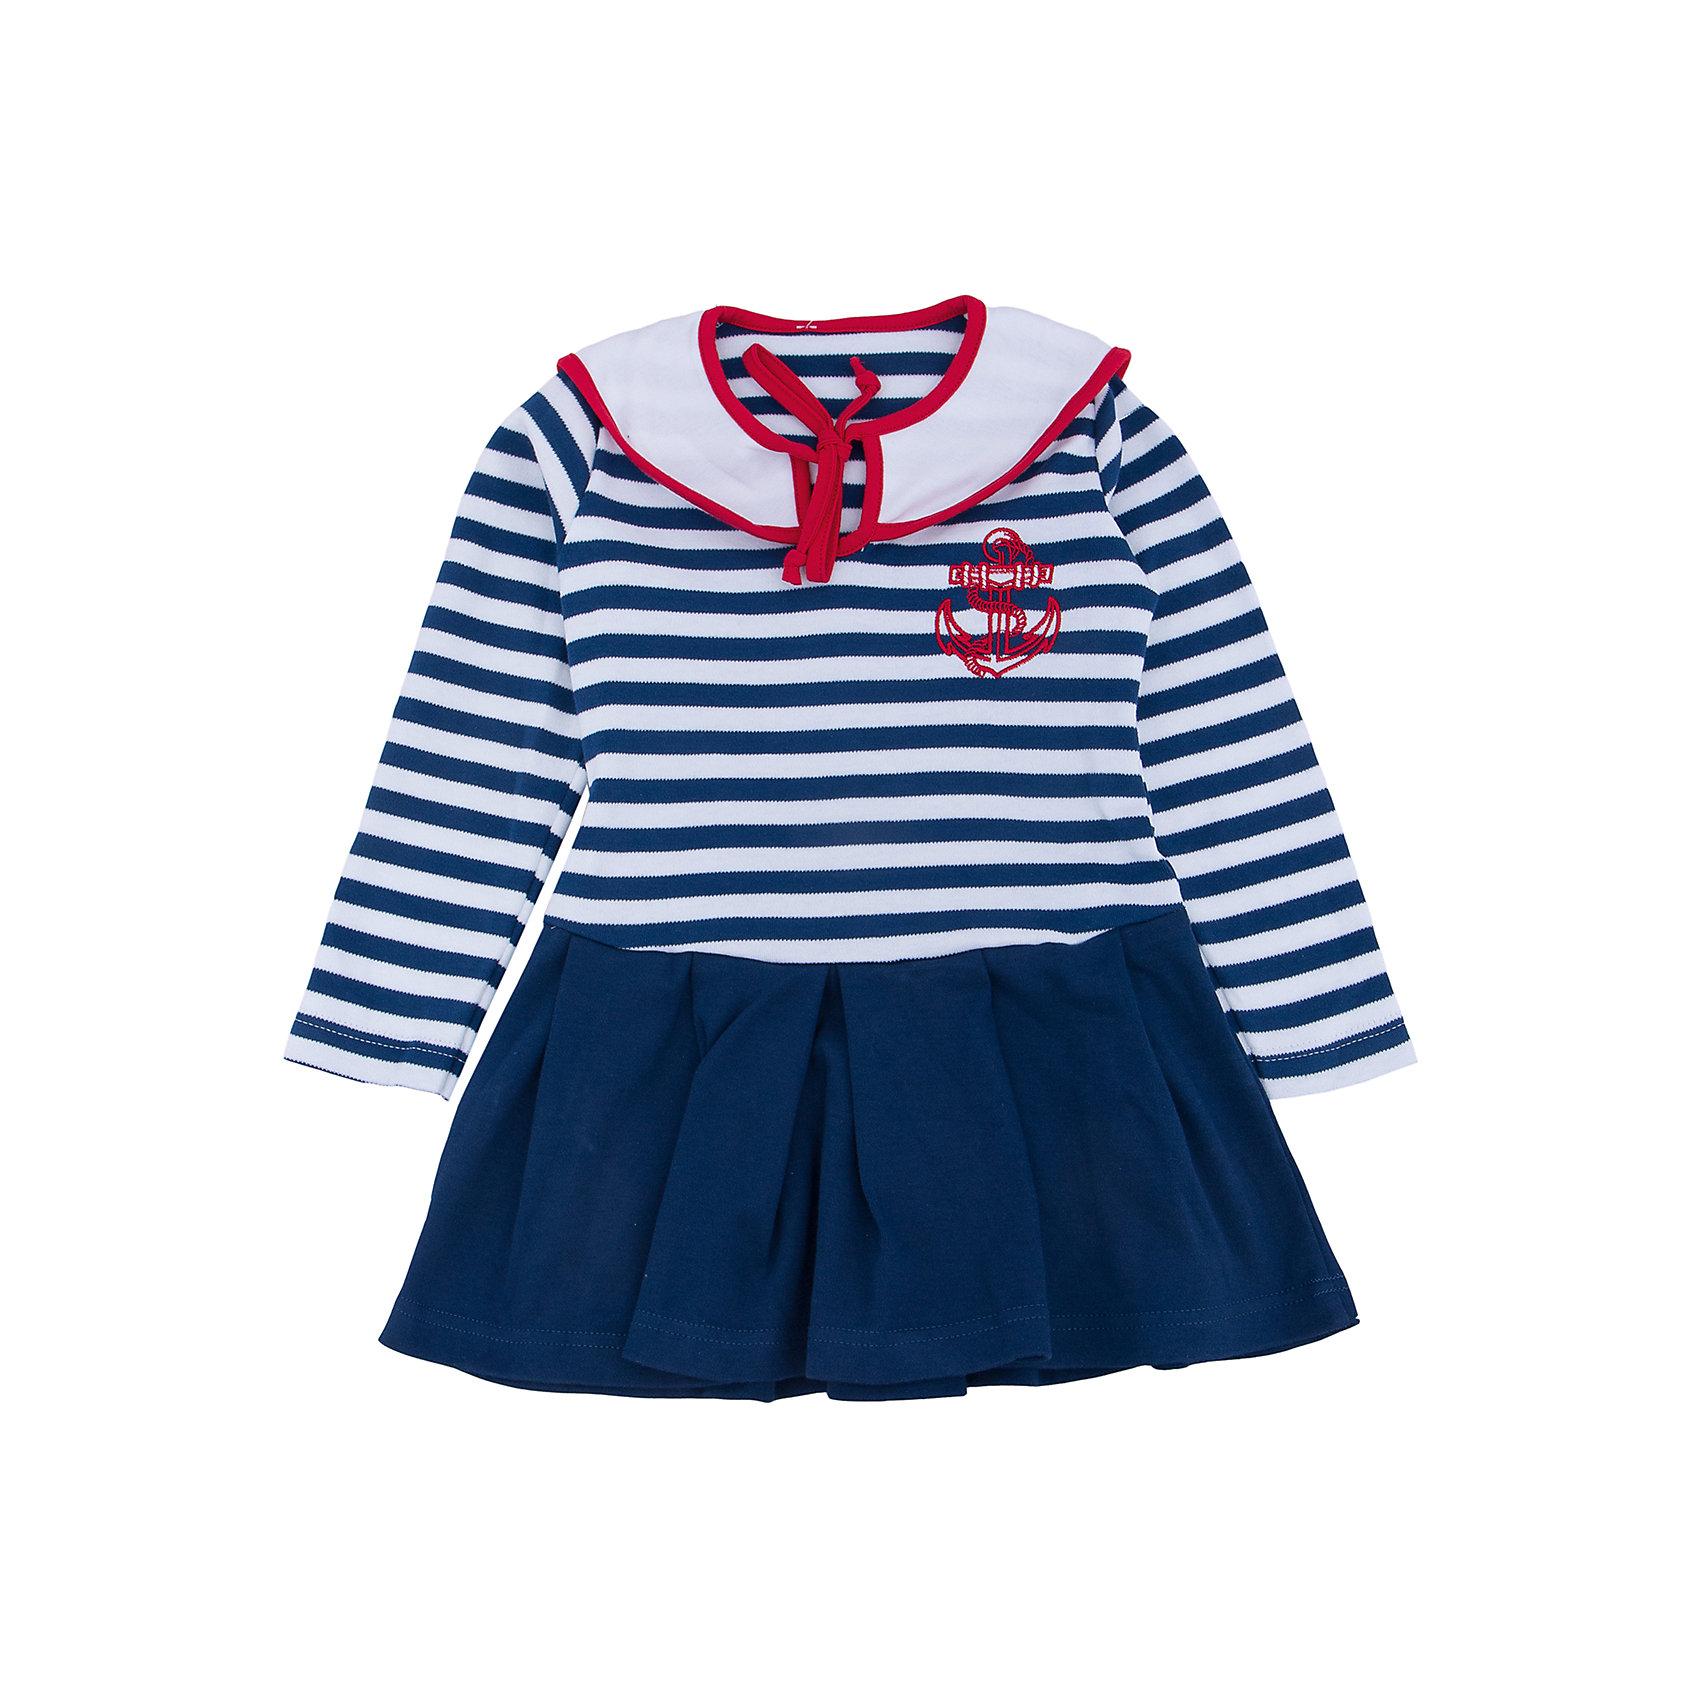 Платье для девочки АпрельПлатье для девочки Апрель.<br><br>Характеристики:<br><br>• 100% хлопок<br>• рукав: длинный<br>• коллекция: Круиз<br>• цвет: синий<br><br><br>Стильное платье Апрель на морскую тематику понравится каждой девочке. Оно изготовлено из качественного хлопка, приятного на ощупь и отлично сидит по фигуре. Необычный дизайн платья включает в себя: подол с оборками, верх в полоску, нагрудник с завязками и вышивка на груди. Платье отлично подойдет и на каждый день, и на костюмированную вечеринку.<br><br>Платье для девочки Апрель вы можете купить в нашем интернет-магазине.<br><br>Ширина мм: 236<br>Глубина мм: 16<br>Высота мм: 184<br>Вес г: 177<br>Цвет: синий<br>Возраст от месяцев: 18<br>Возраст до месяцев: 24<br>Пол: Женский<br>Возраст: Детский<br>Размер: 92,98,104,110,116<br>SKU: 5006864